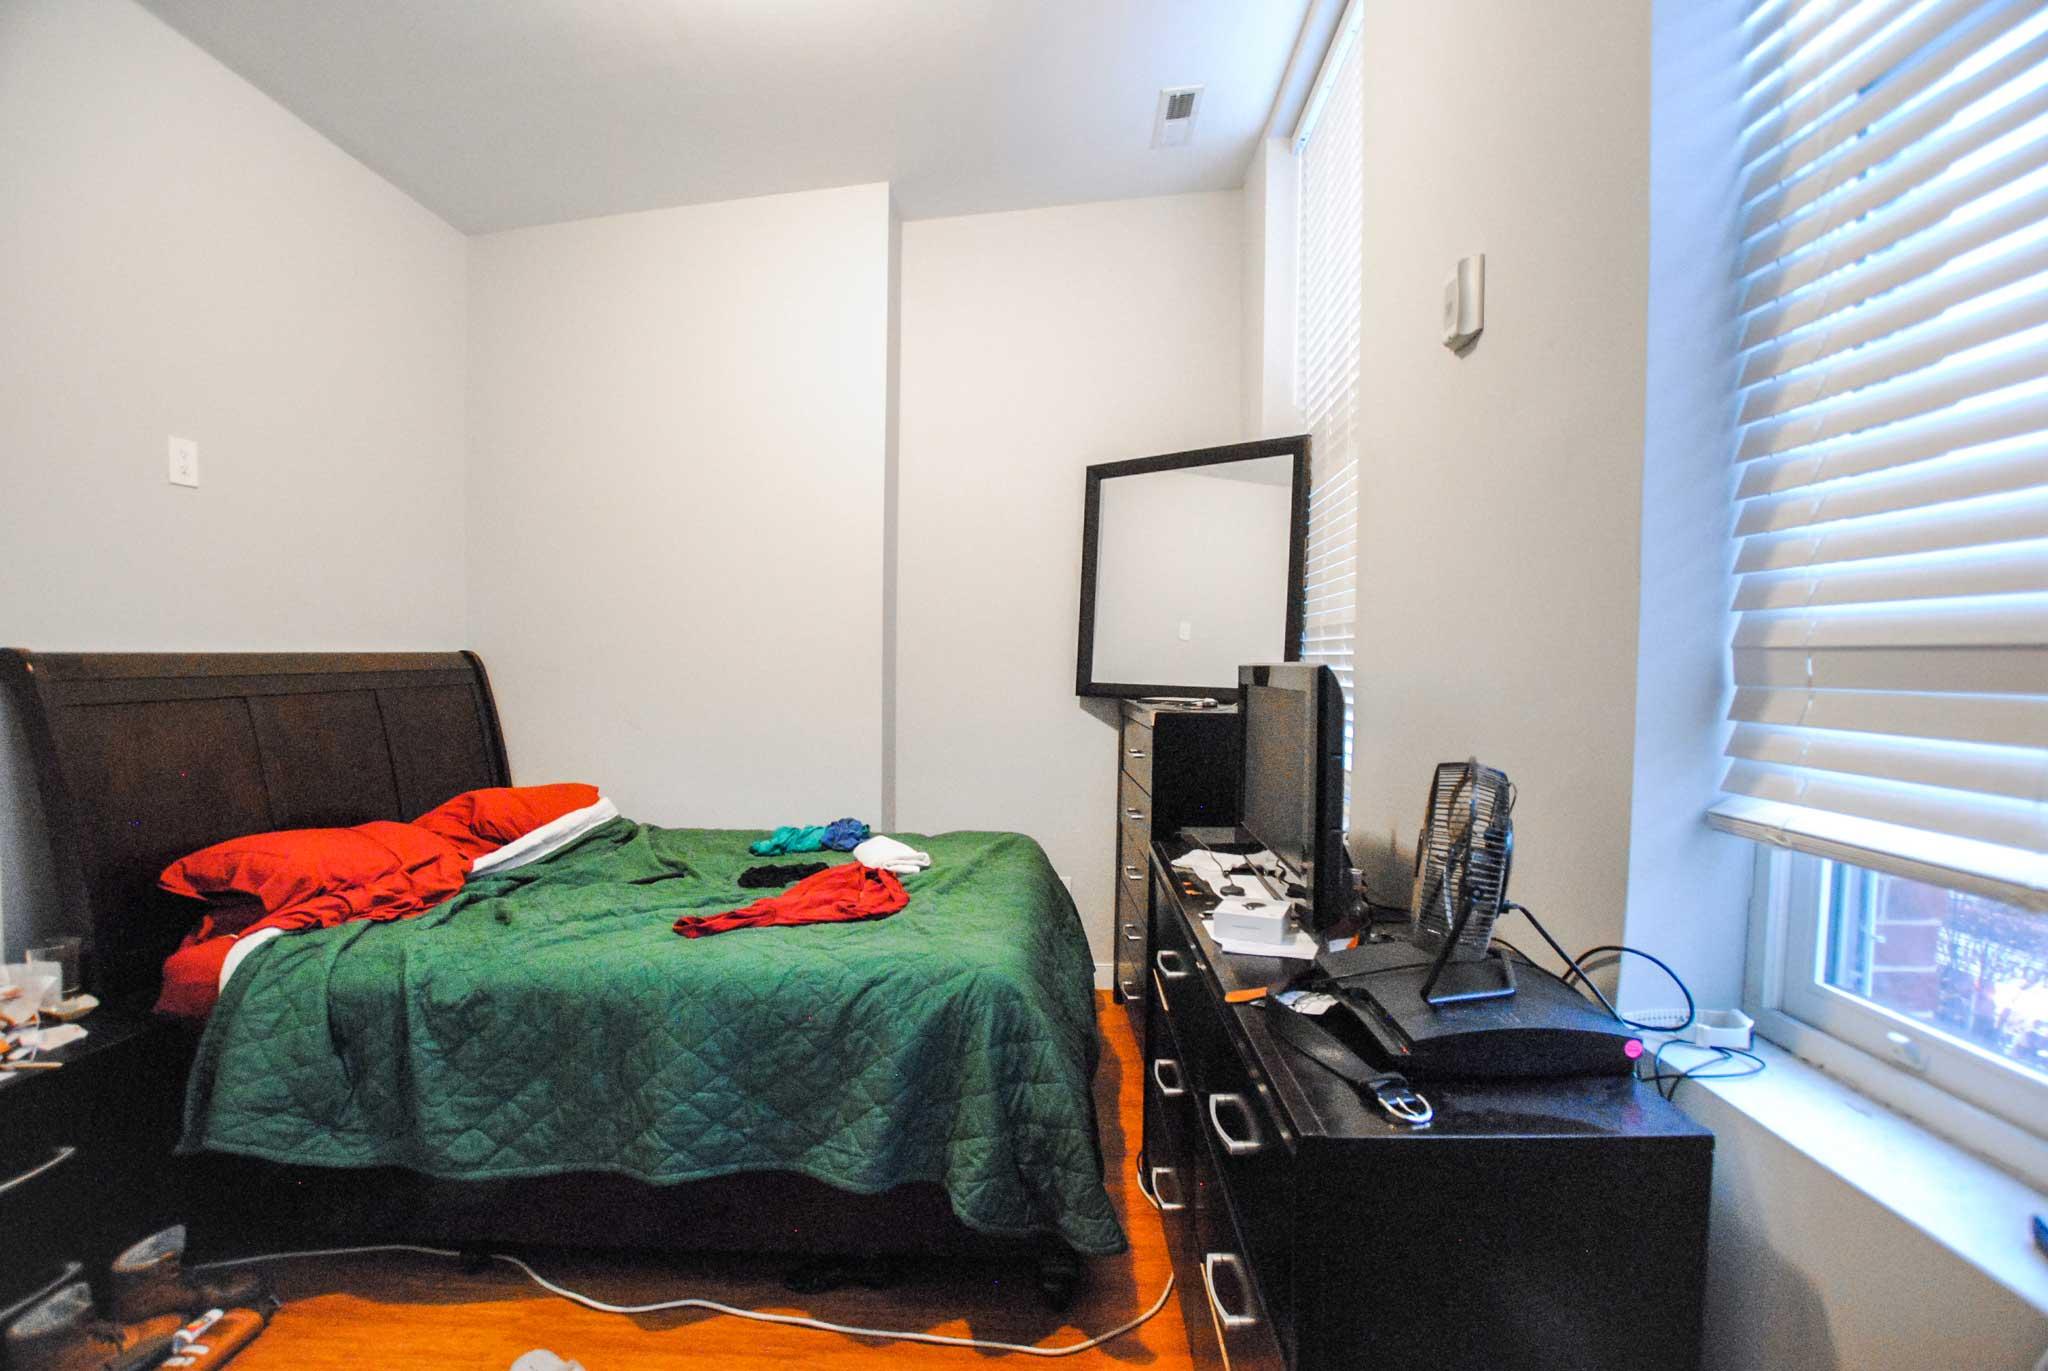 64 Bedroom